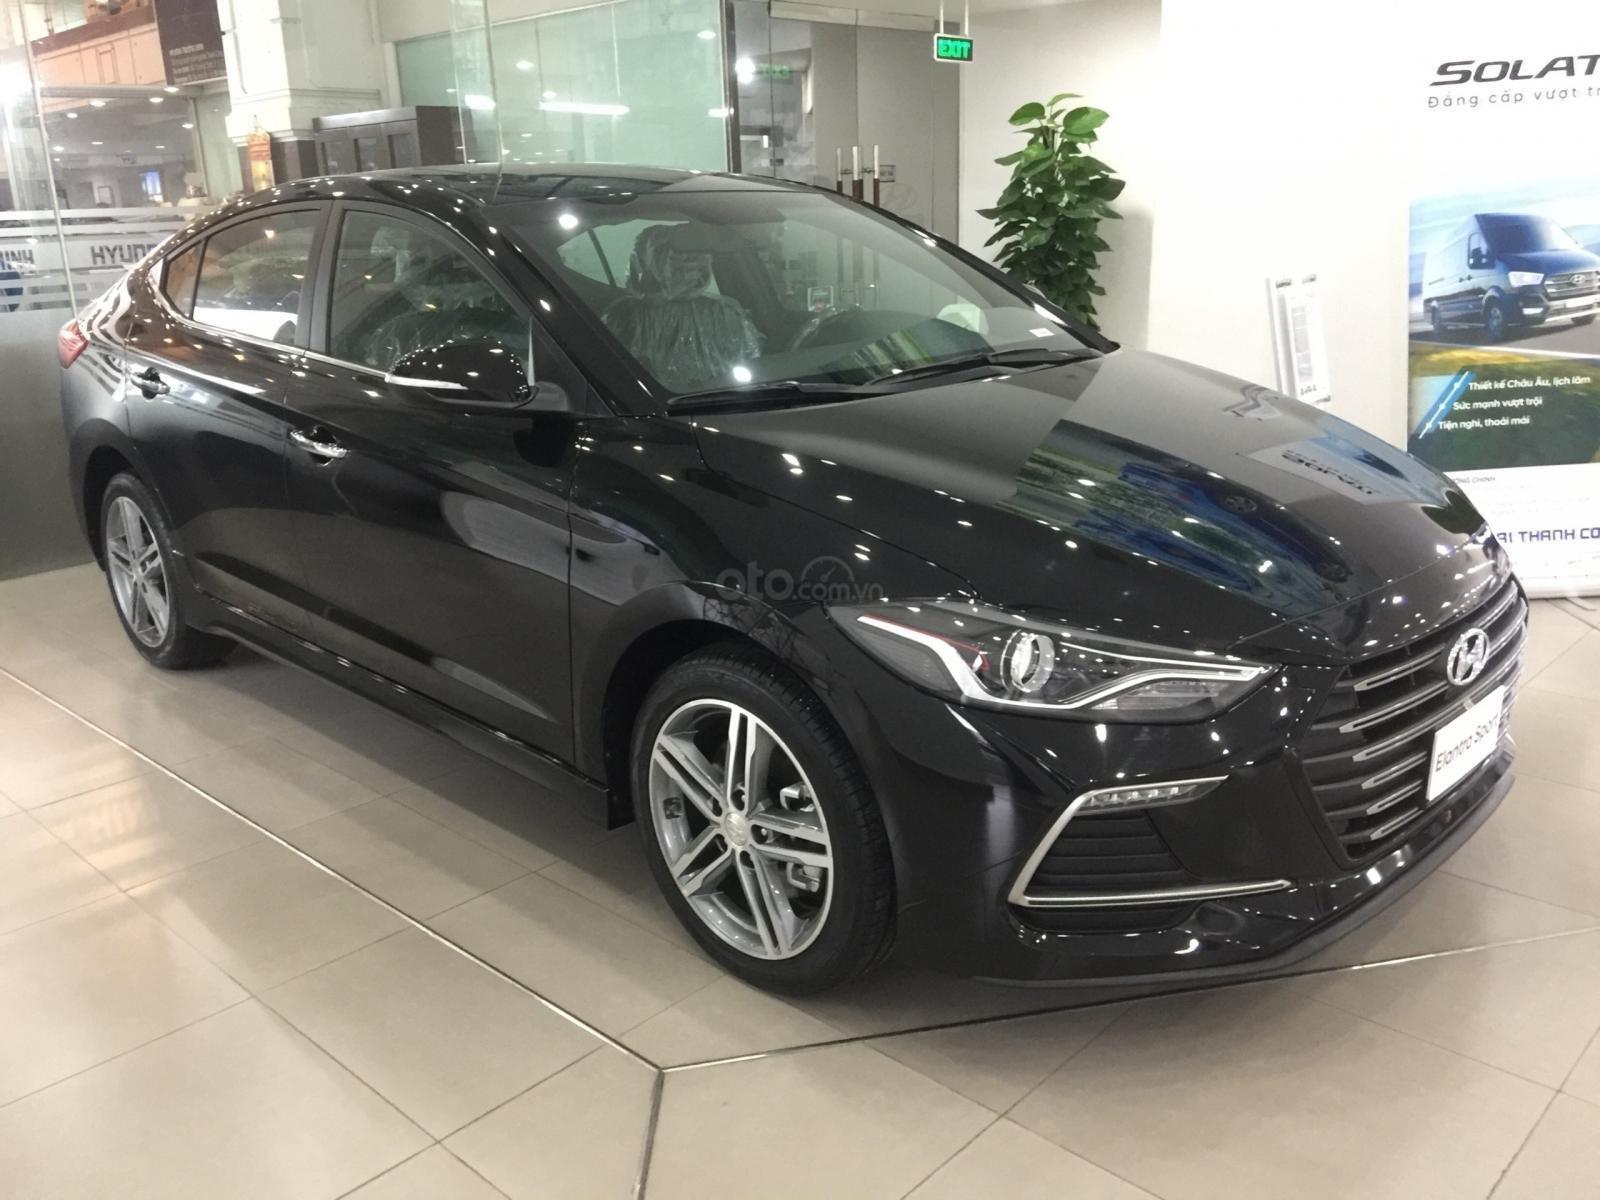 Mazda 3 tiếp tục thống trị phân khúc hạng C trong tháng 4/2019 a3